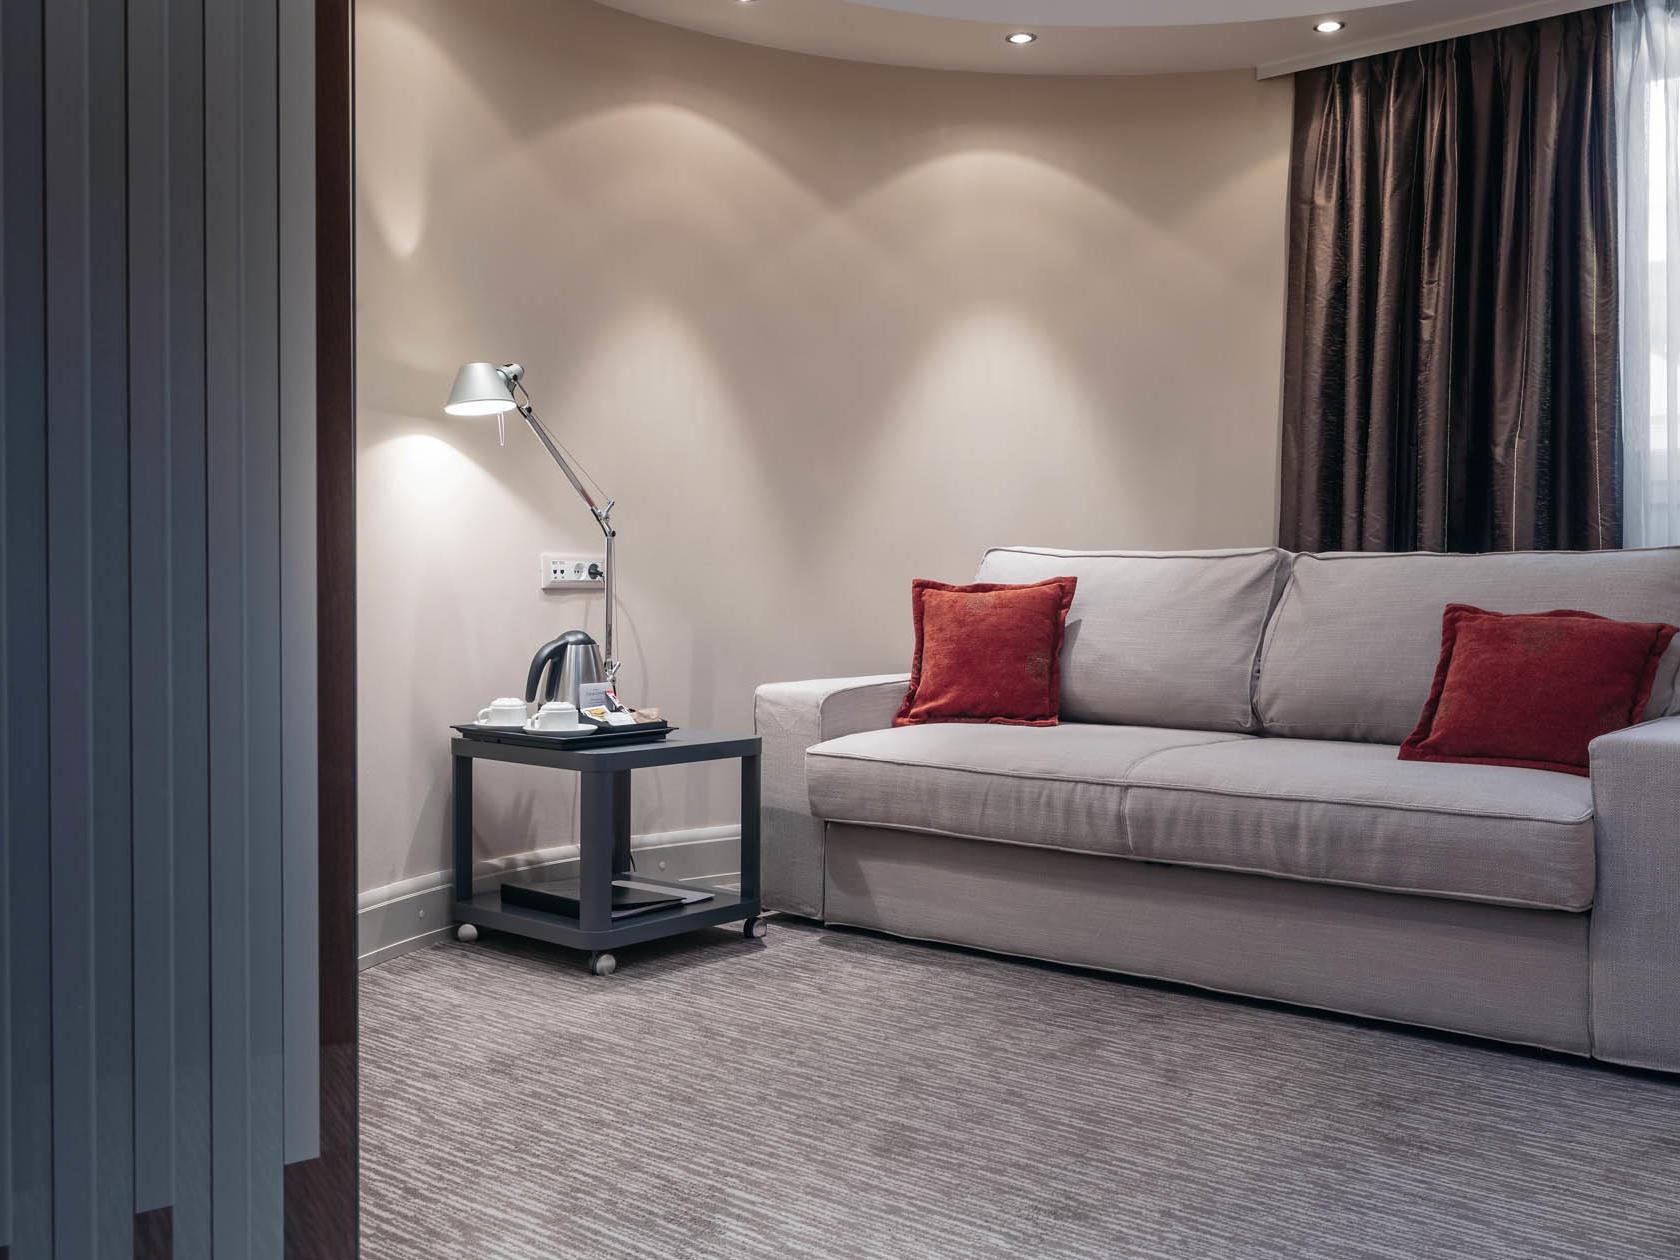 A sofa in a hotel